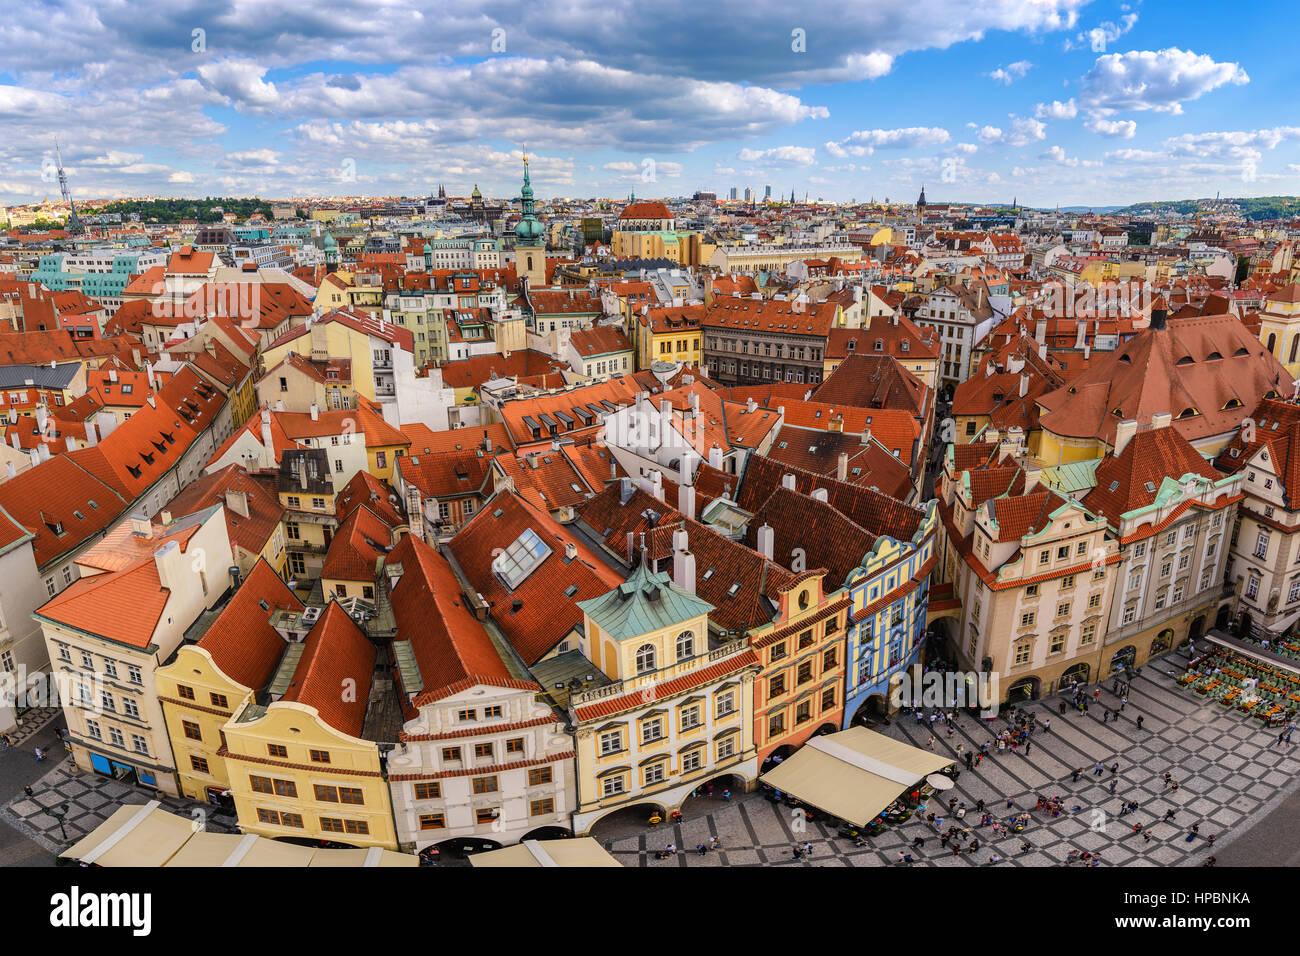 Praga dello skyline della città a piazza della città vecchia di Praga, Repubblica Ceca Immagini Stock